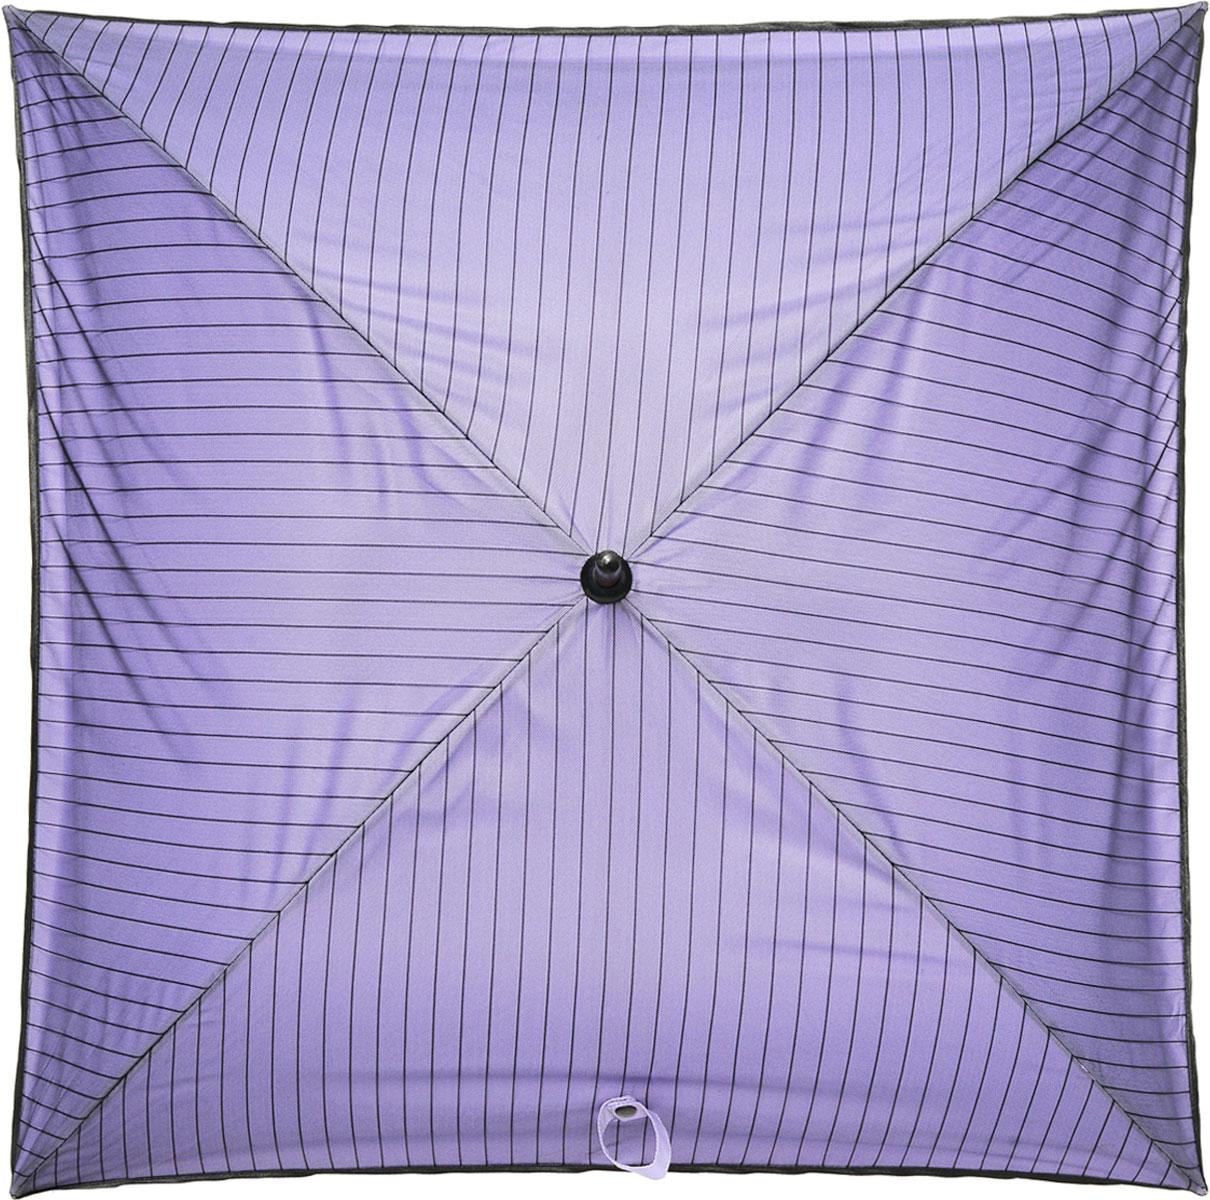 Зонт-трость Pique, цвет: черный, сиреневый10102701Каркас зонта Pique выполнен из четырех спиц. Зонт имеет полуавтоматический механизм складывания-раскладывания: купол открывается путем нажатия кнопки на рукоятке; складывается зонт вручную до характерного щелчка. Рукоятка изготовлена из натурального дерева и имеет закругленную форму. Купол зонта выполнен из тефлона и гипюра, края зонта оформлены рюшами. Коллекция аксессуаров Chic&Choc предназначена исключительно для женщин! Элитные французские зонты станут блестящим дополнением к наряду и помогут создать неповторимый образ, полный романтичности, женственности и кокетства.